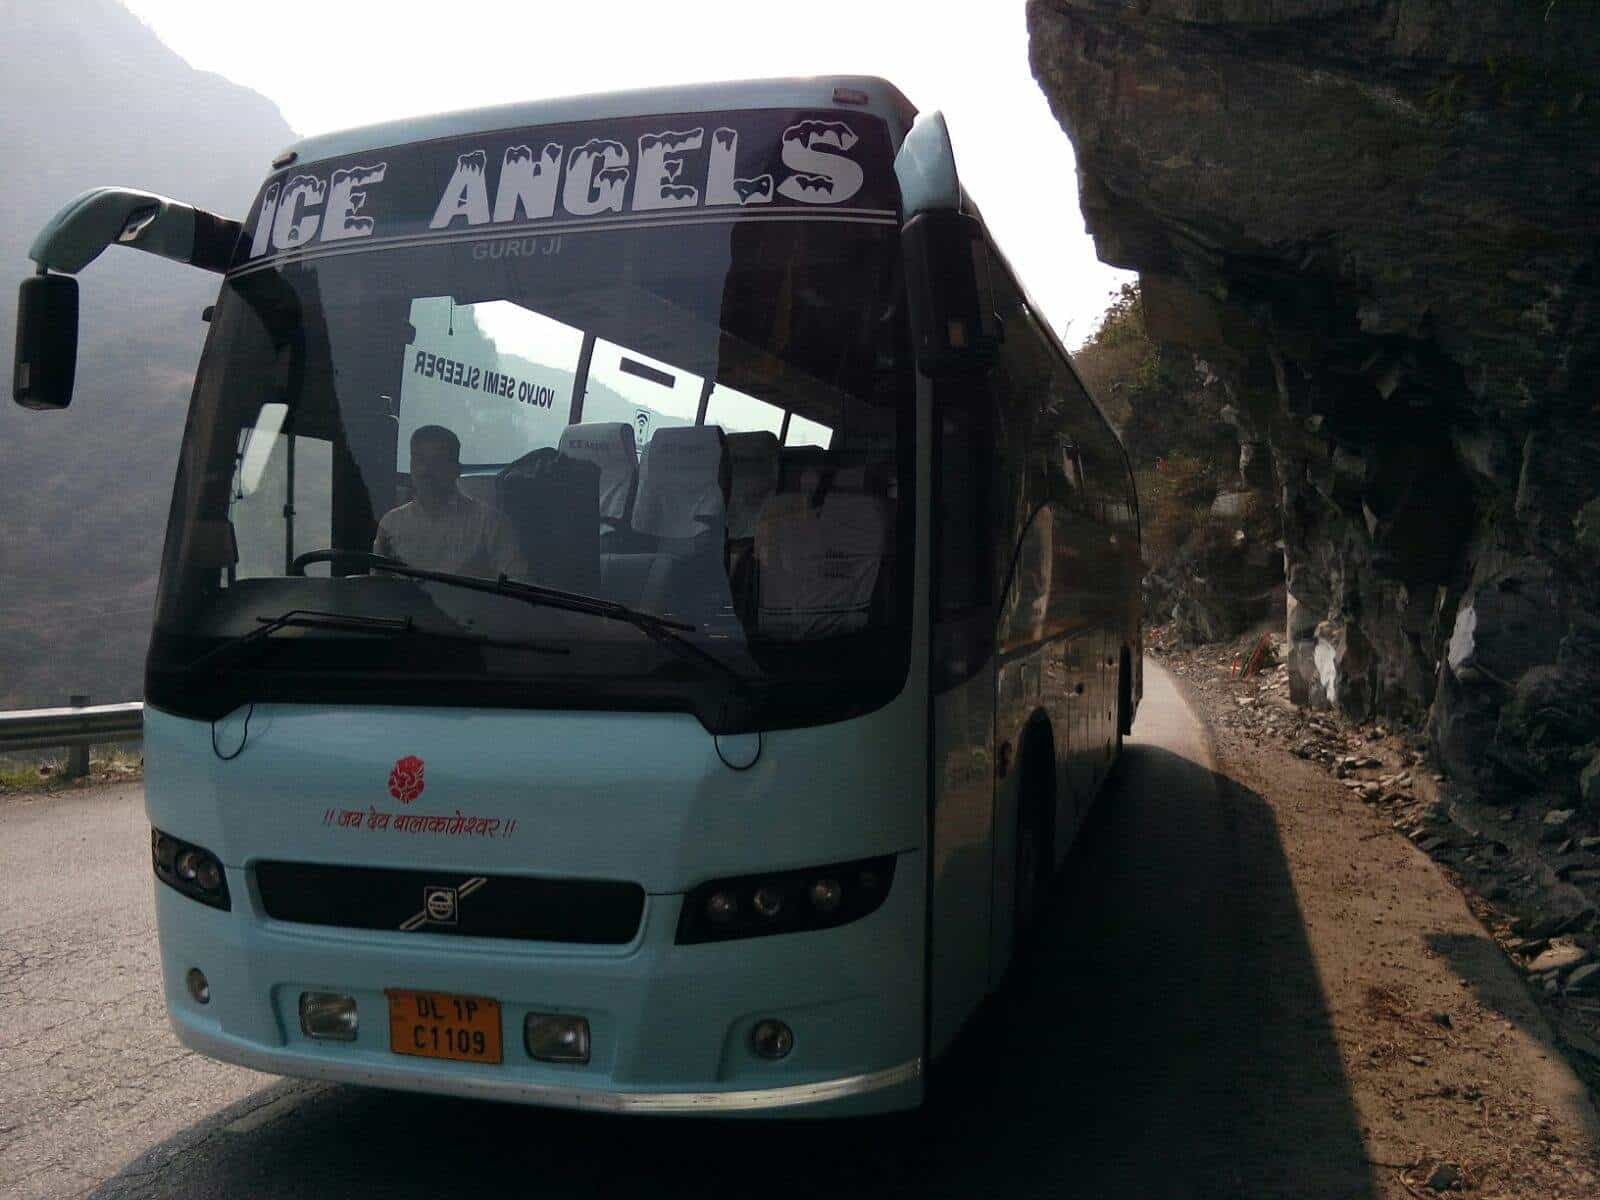 Ice Angels Tour N Travels, Near Hdfc Bank, Ram Baag Chowk